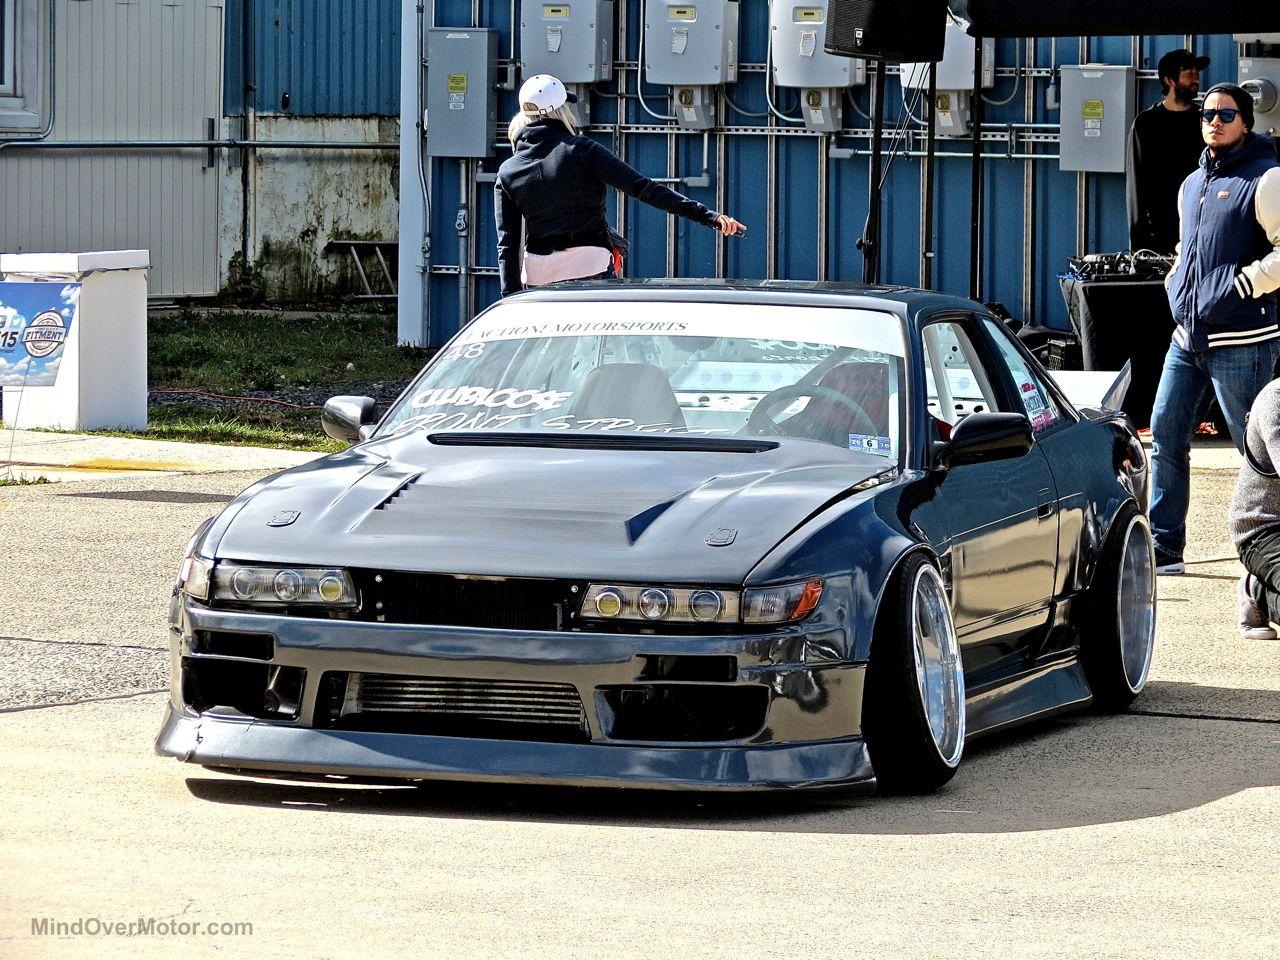 Nissan S13 Silvia Drift Car First Class Fitment